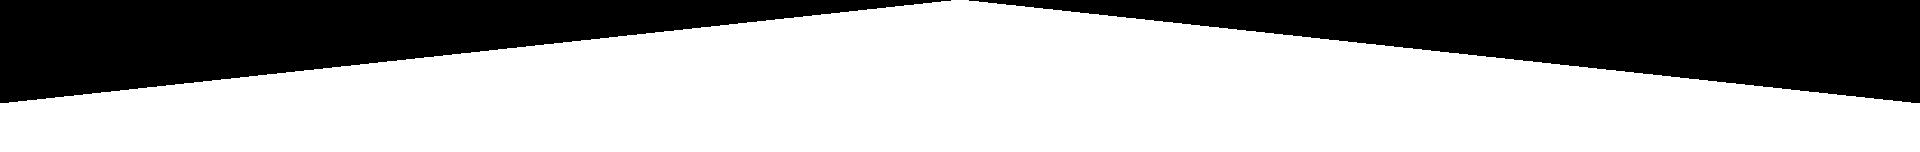 divider-white